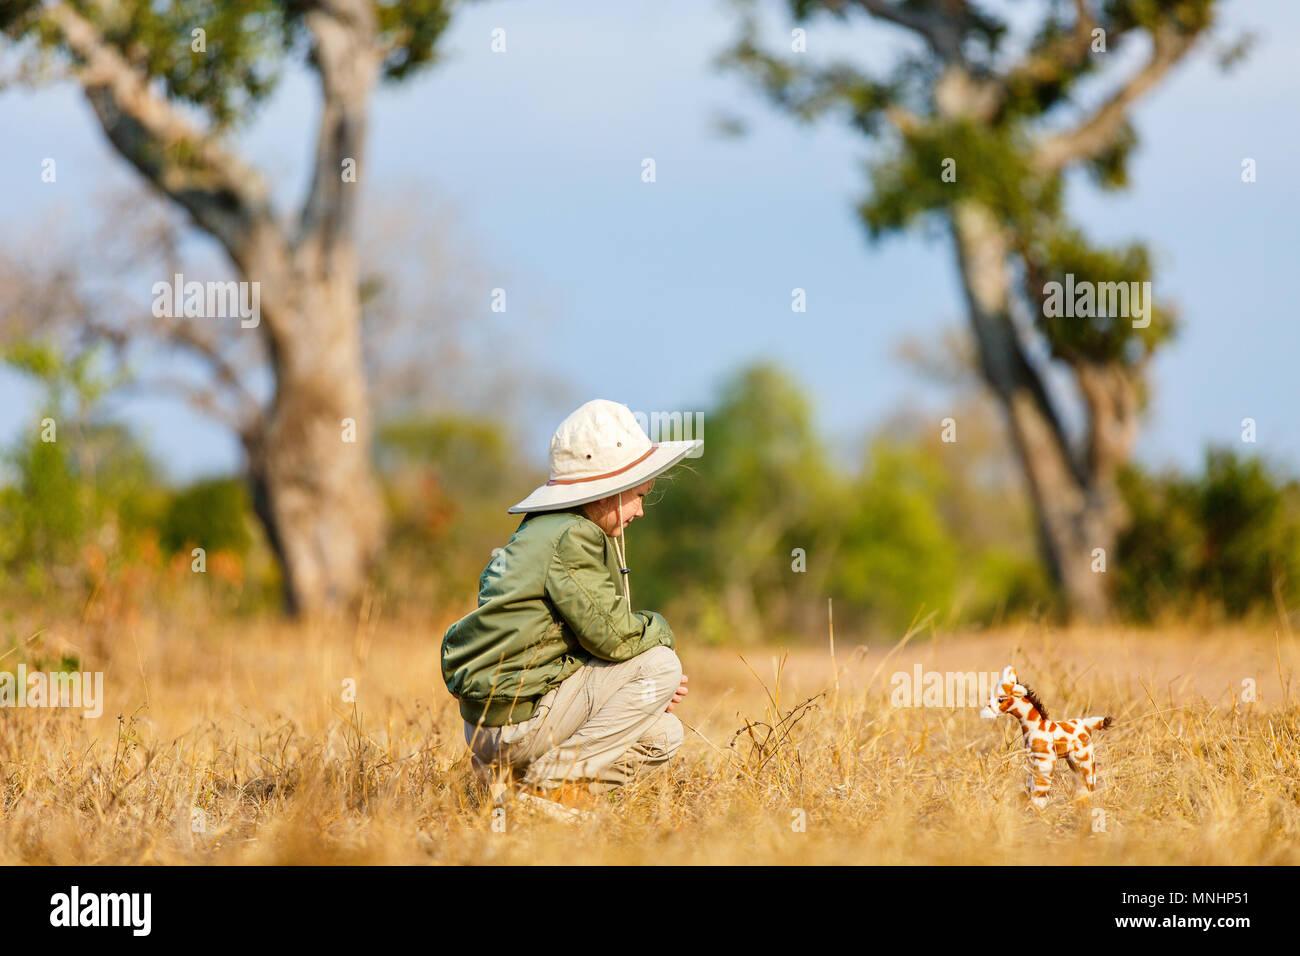 Adorable petite fille en Afrique du Sud safari avec jouet girafe Photo Stock